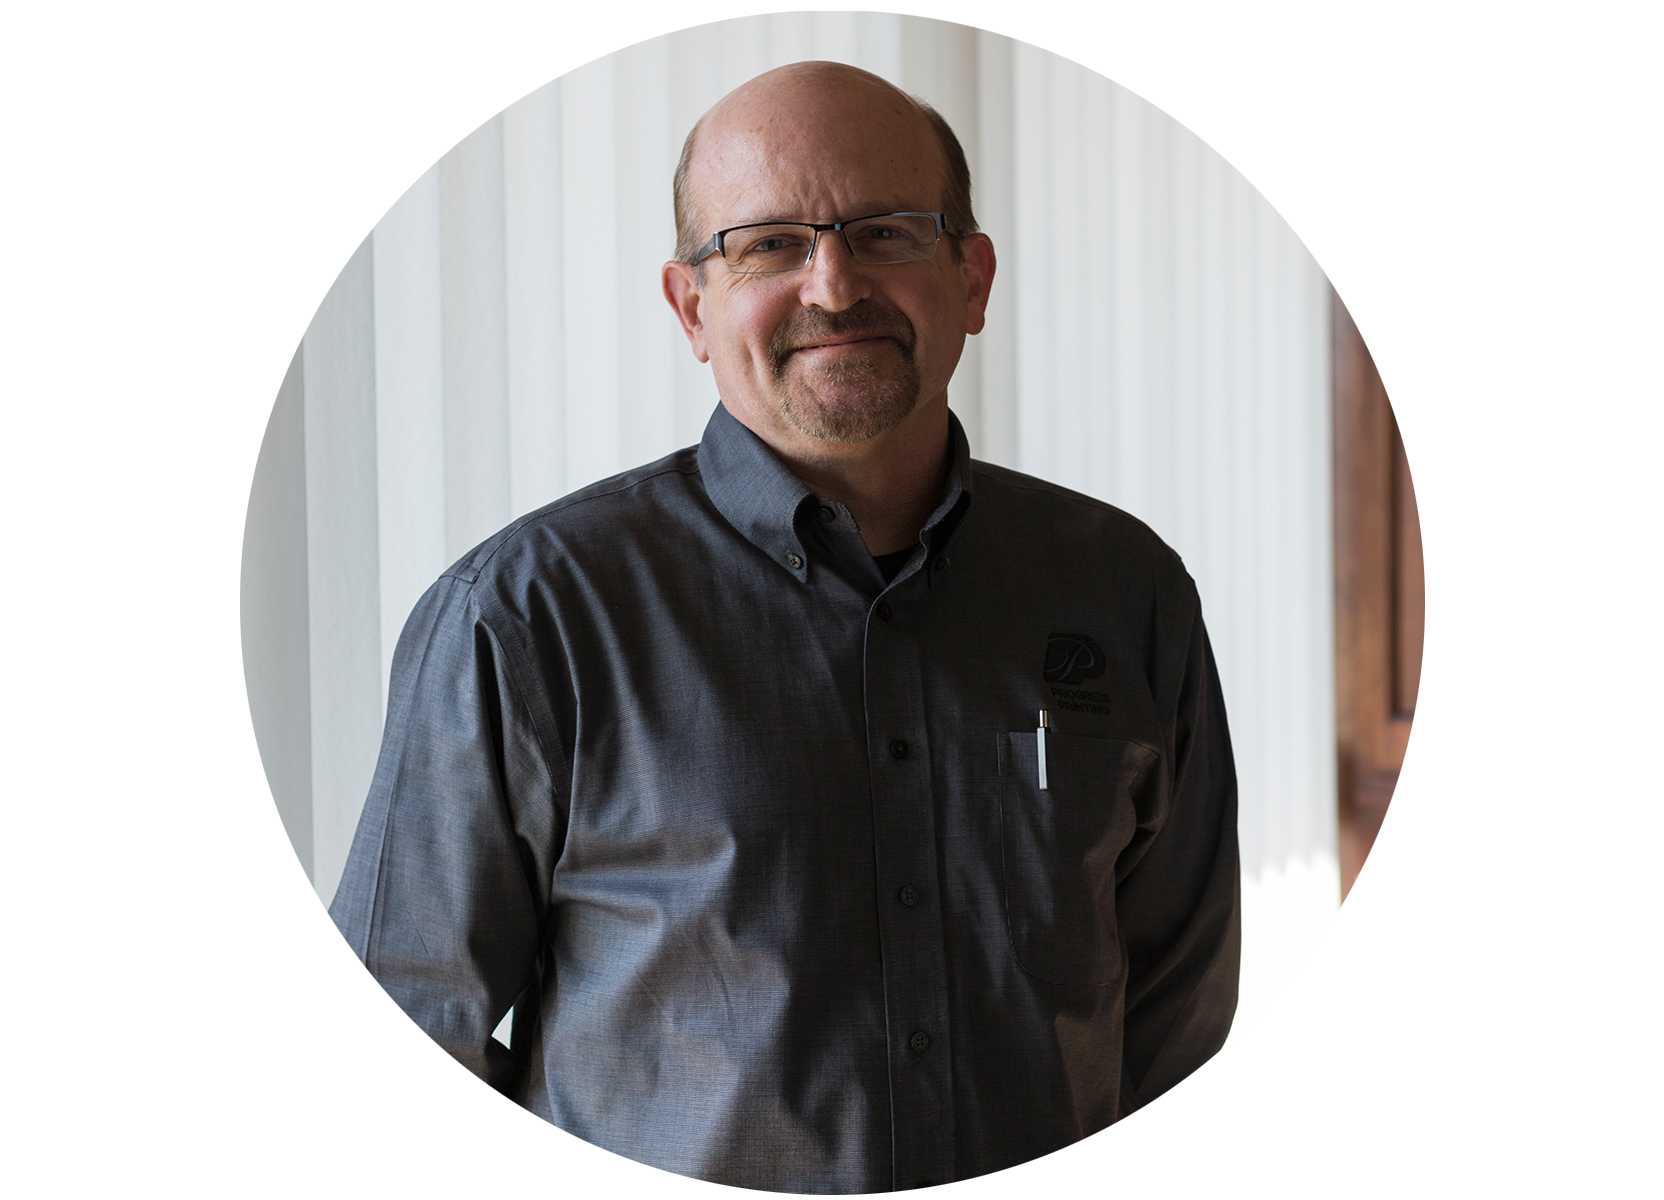 """<b>DAVID SHELTON</b><br>Prepress Coordinator<br><a href=""""mailto:dshelton@progressprintplus.com"""">     <i class=""""fa fa-envelope-o"""" aria-hidden=""""true""""></i> Email</a>"""